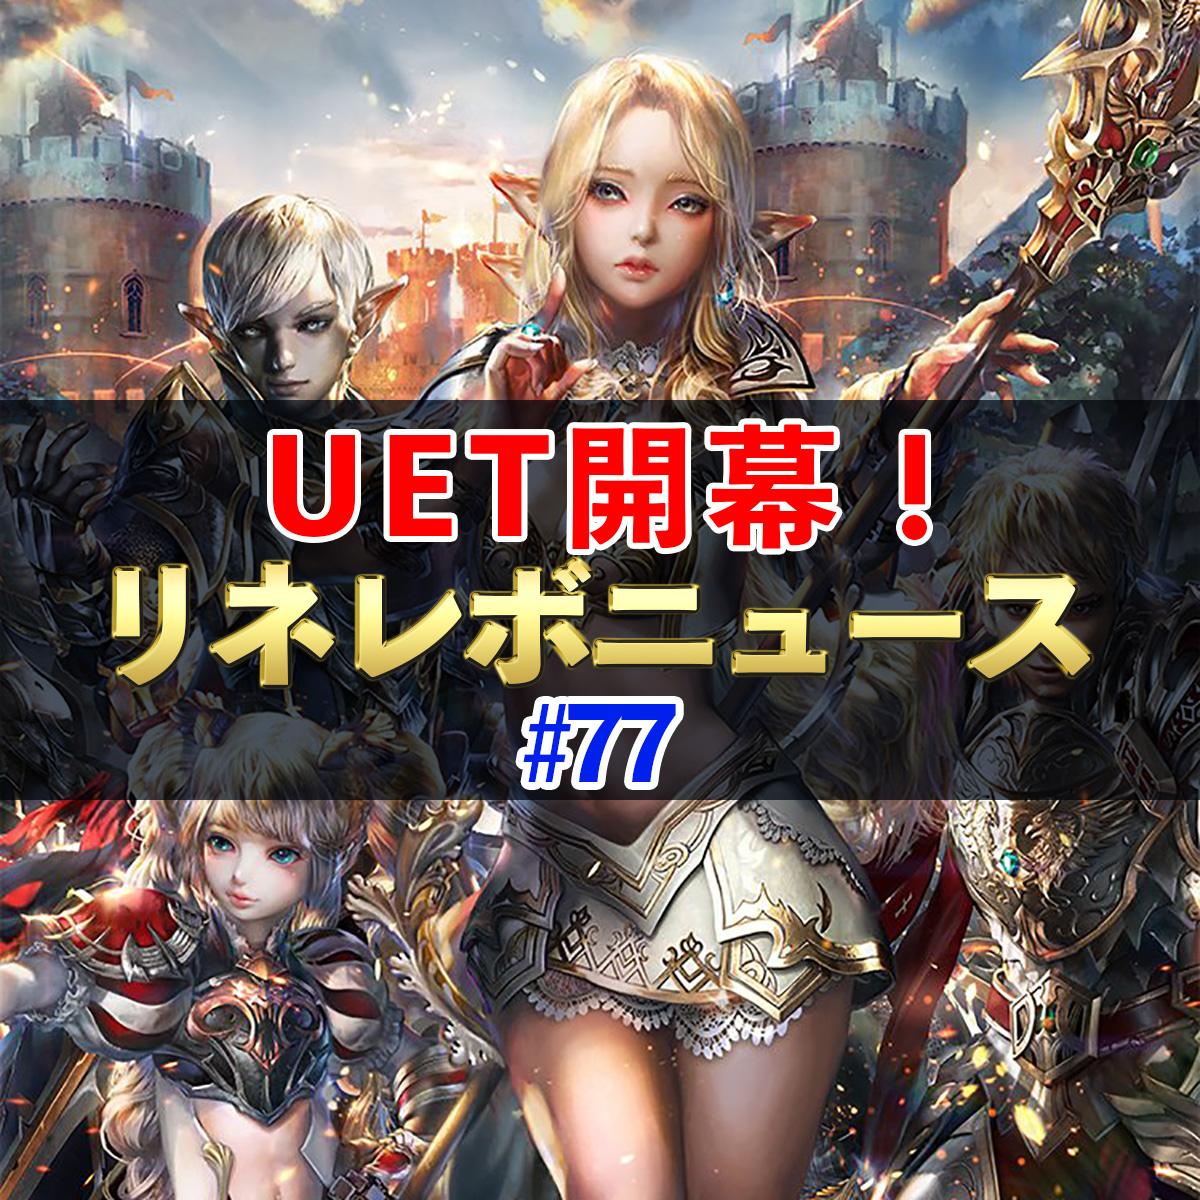 【リネレボ】ユーザーイベント『UET』開幕 リネレボニュース#77